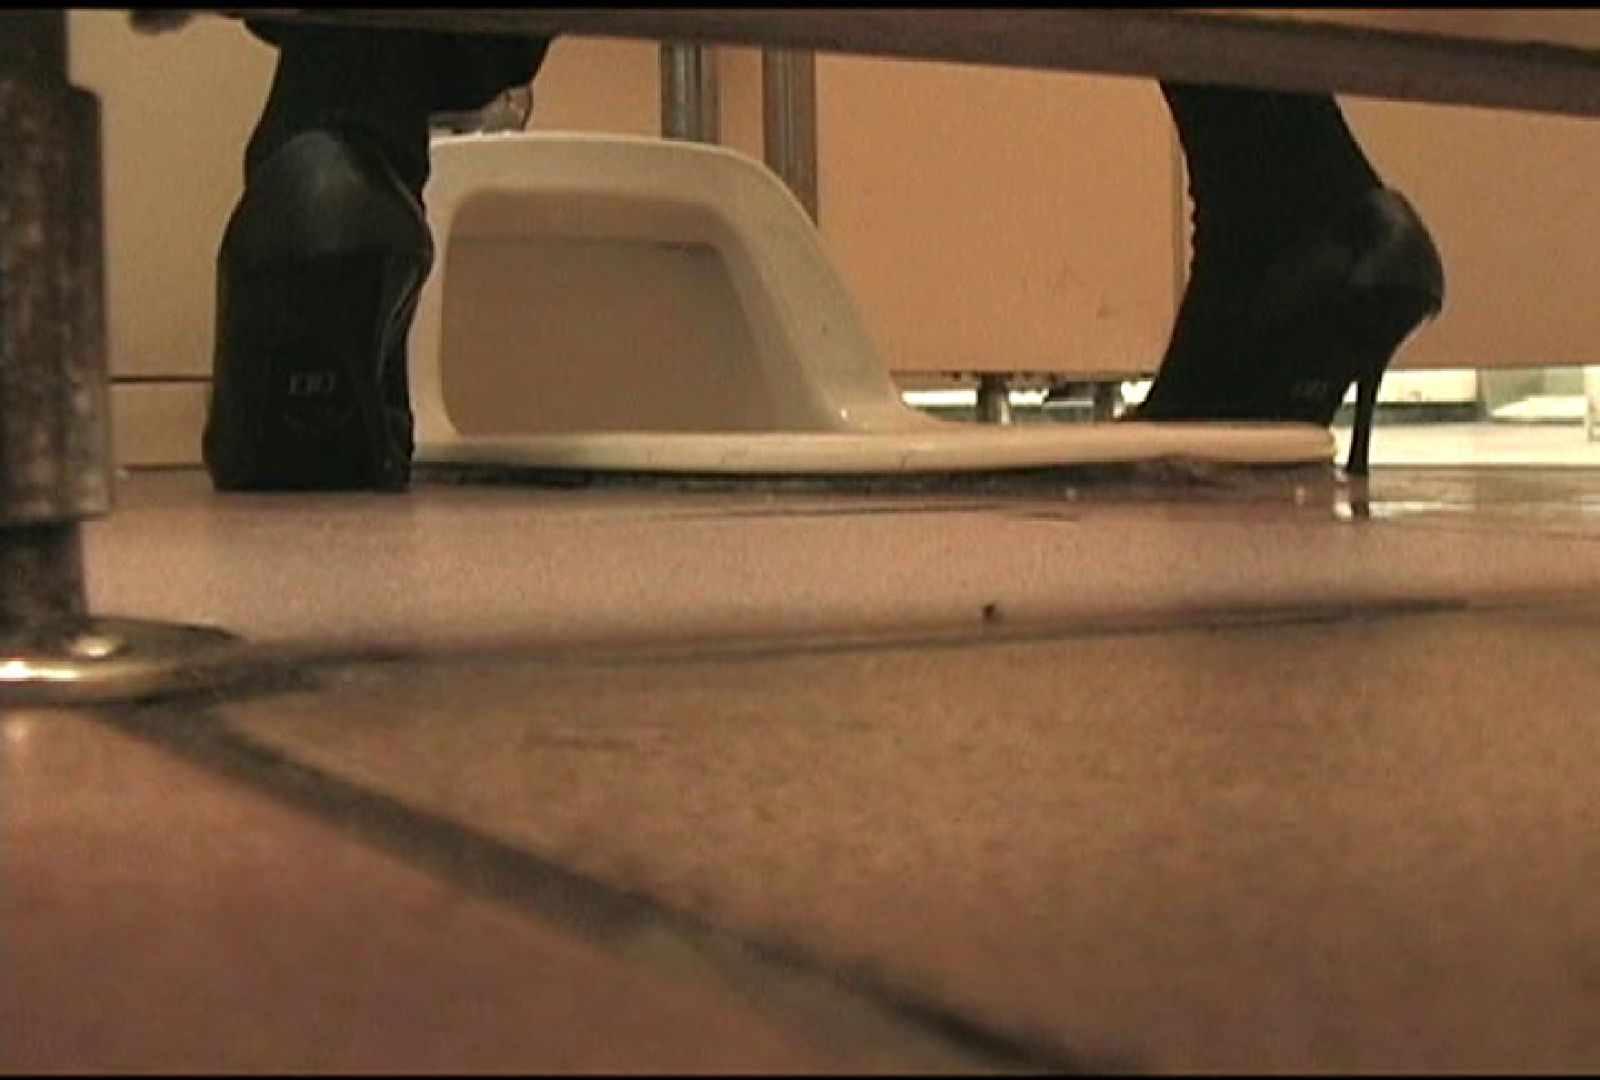 マンコ丸見え女子洗面所Vol.50 OLエロ画像 のぞきエロ無料画像 49PICs 12